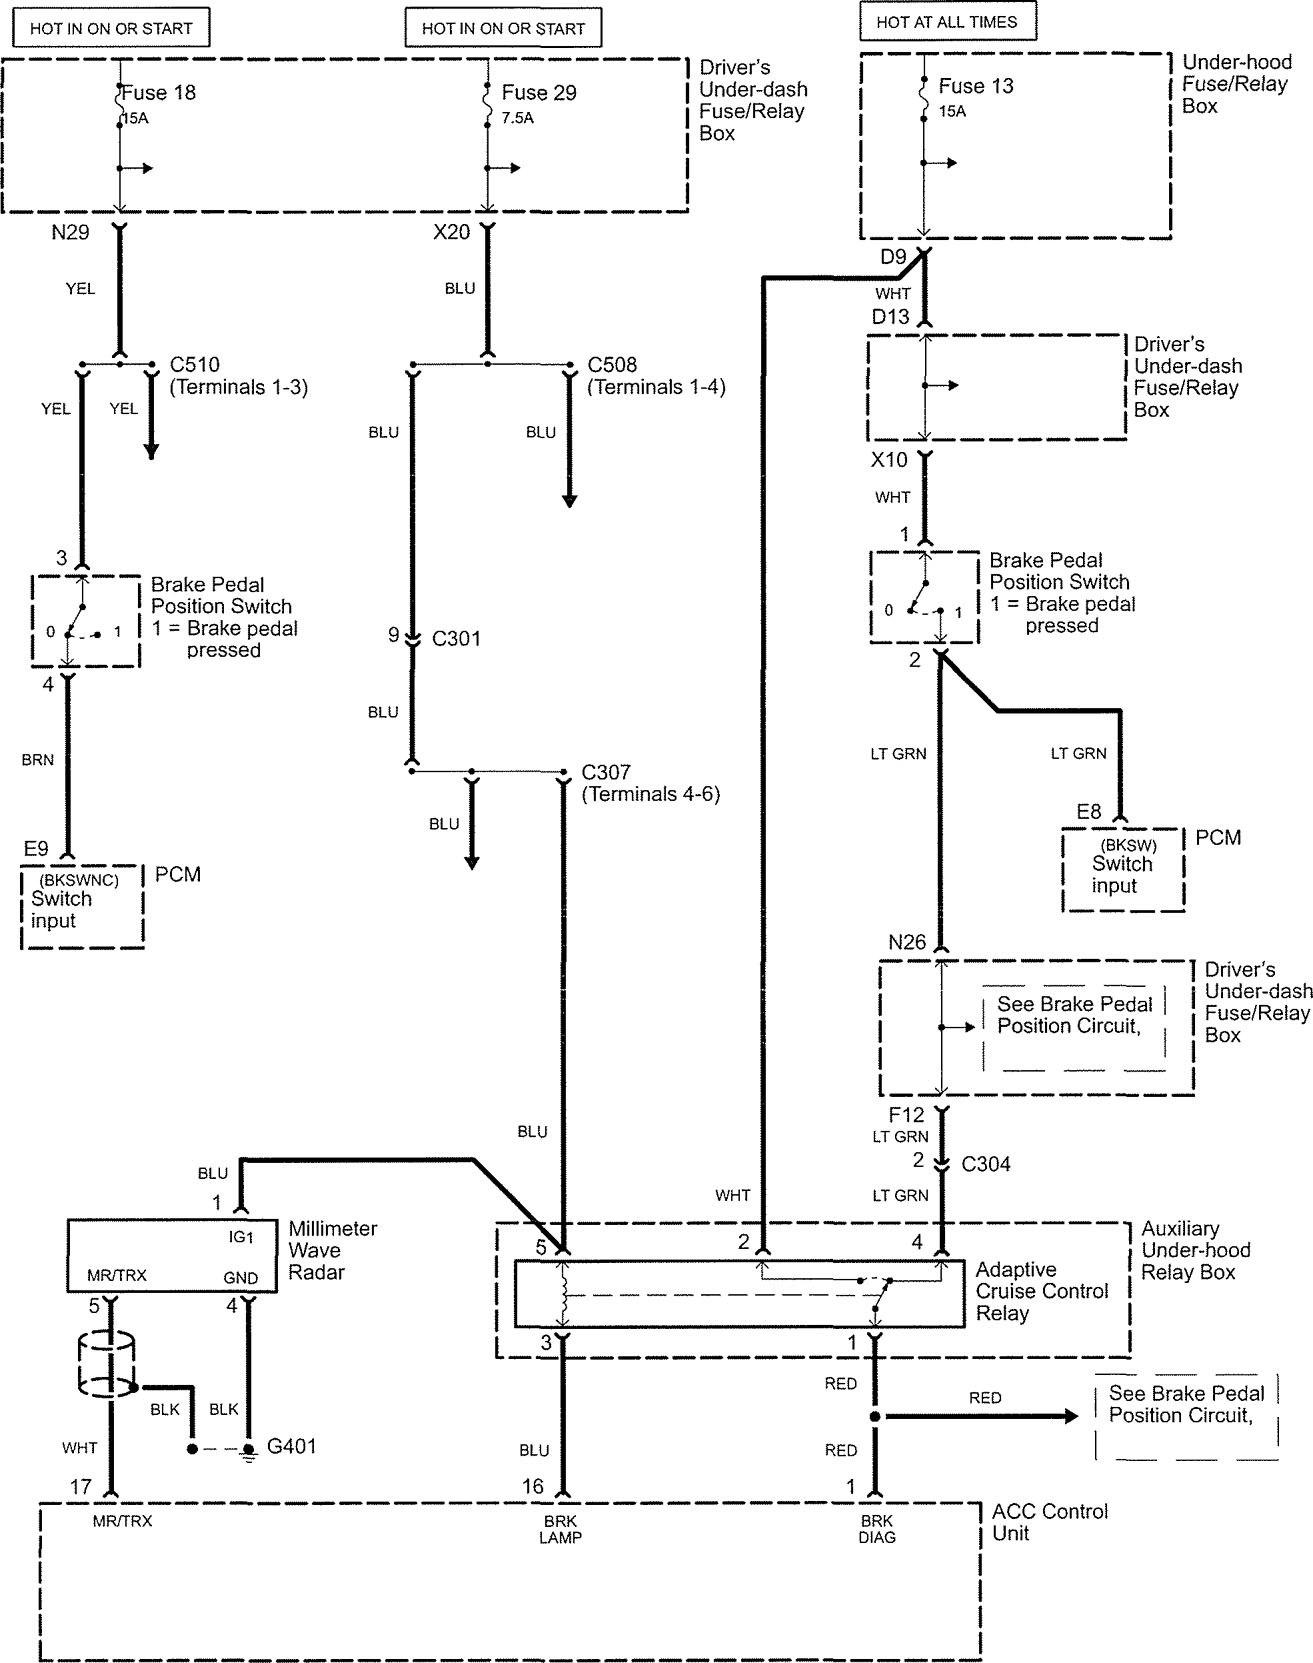 78 Camaro Wiring Diagram Detailed Schematics 1978 6 Cylinder Auto Electrical 1996 Books